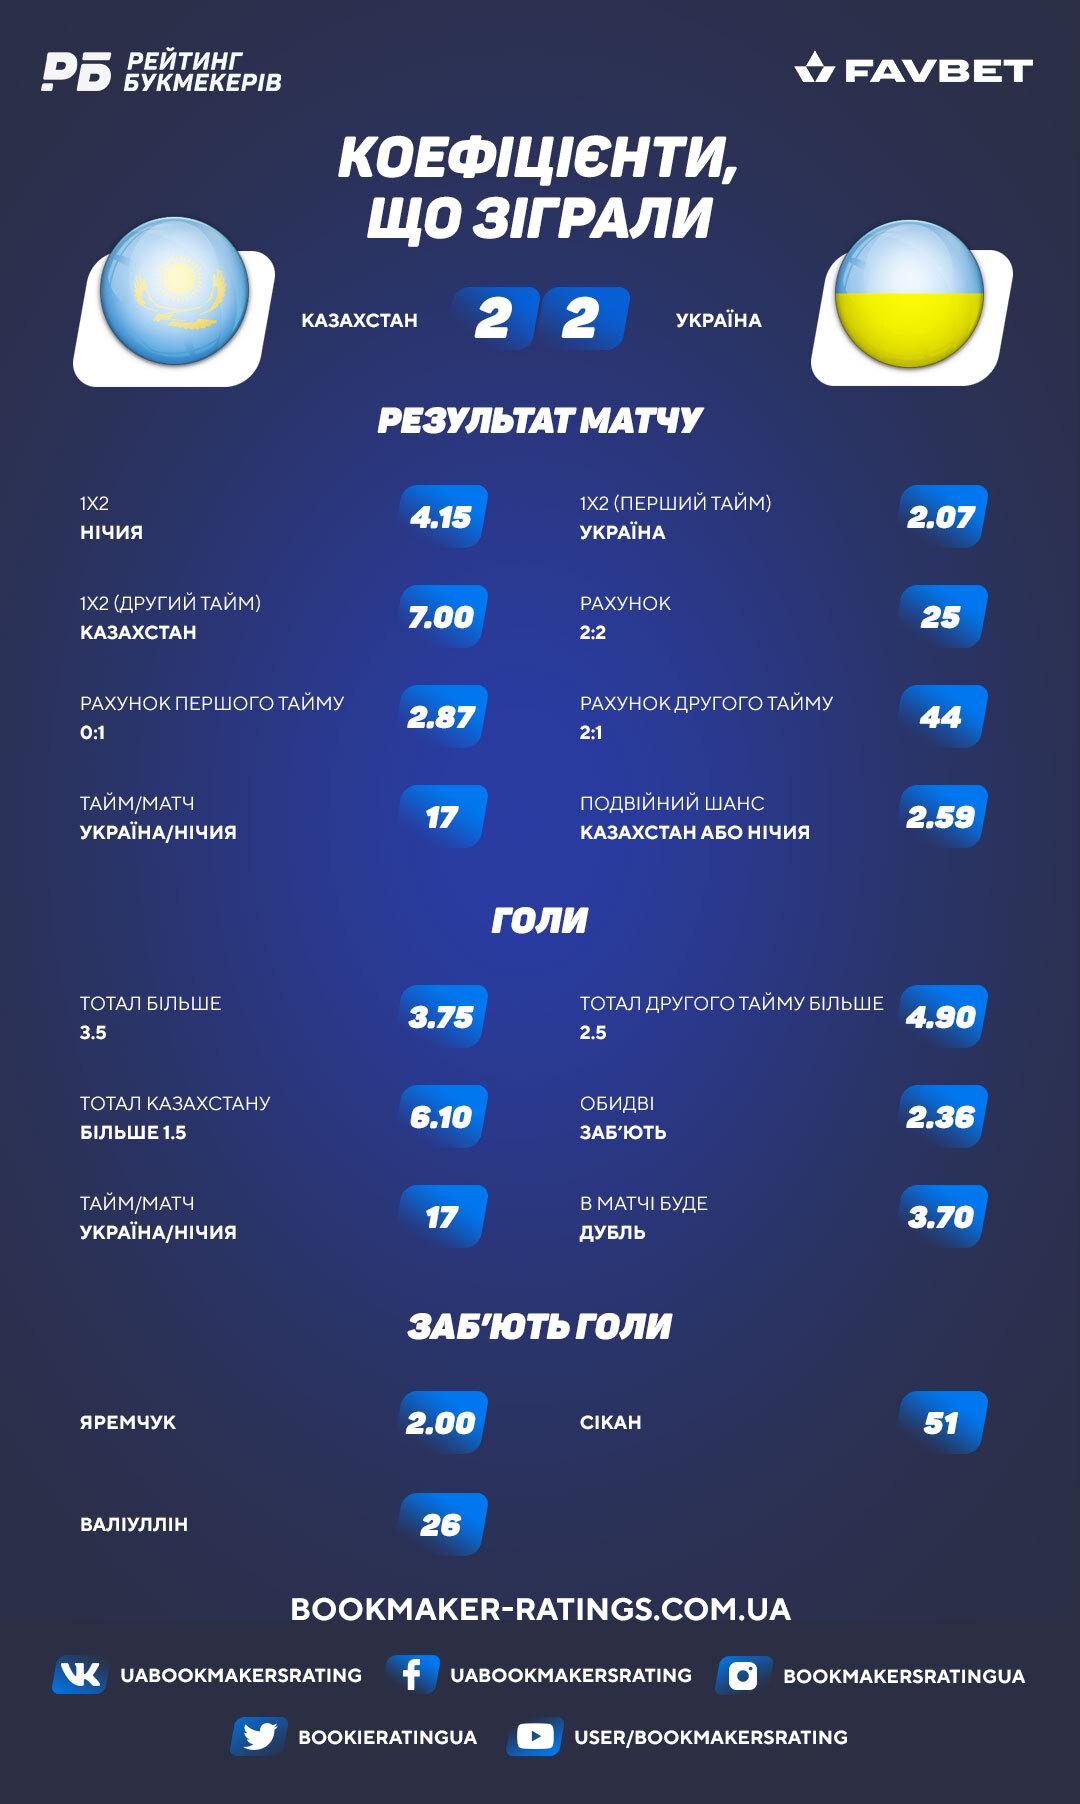 Коефіцієнти, що зіграли в матчі Казахстан - Україна (2:2)